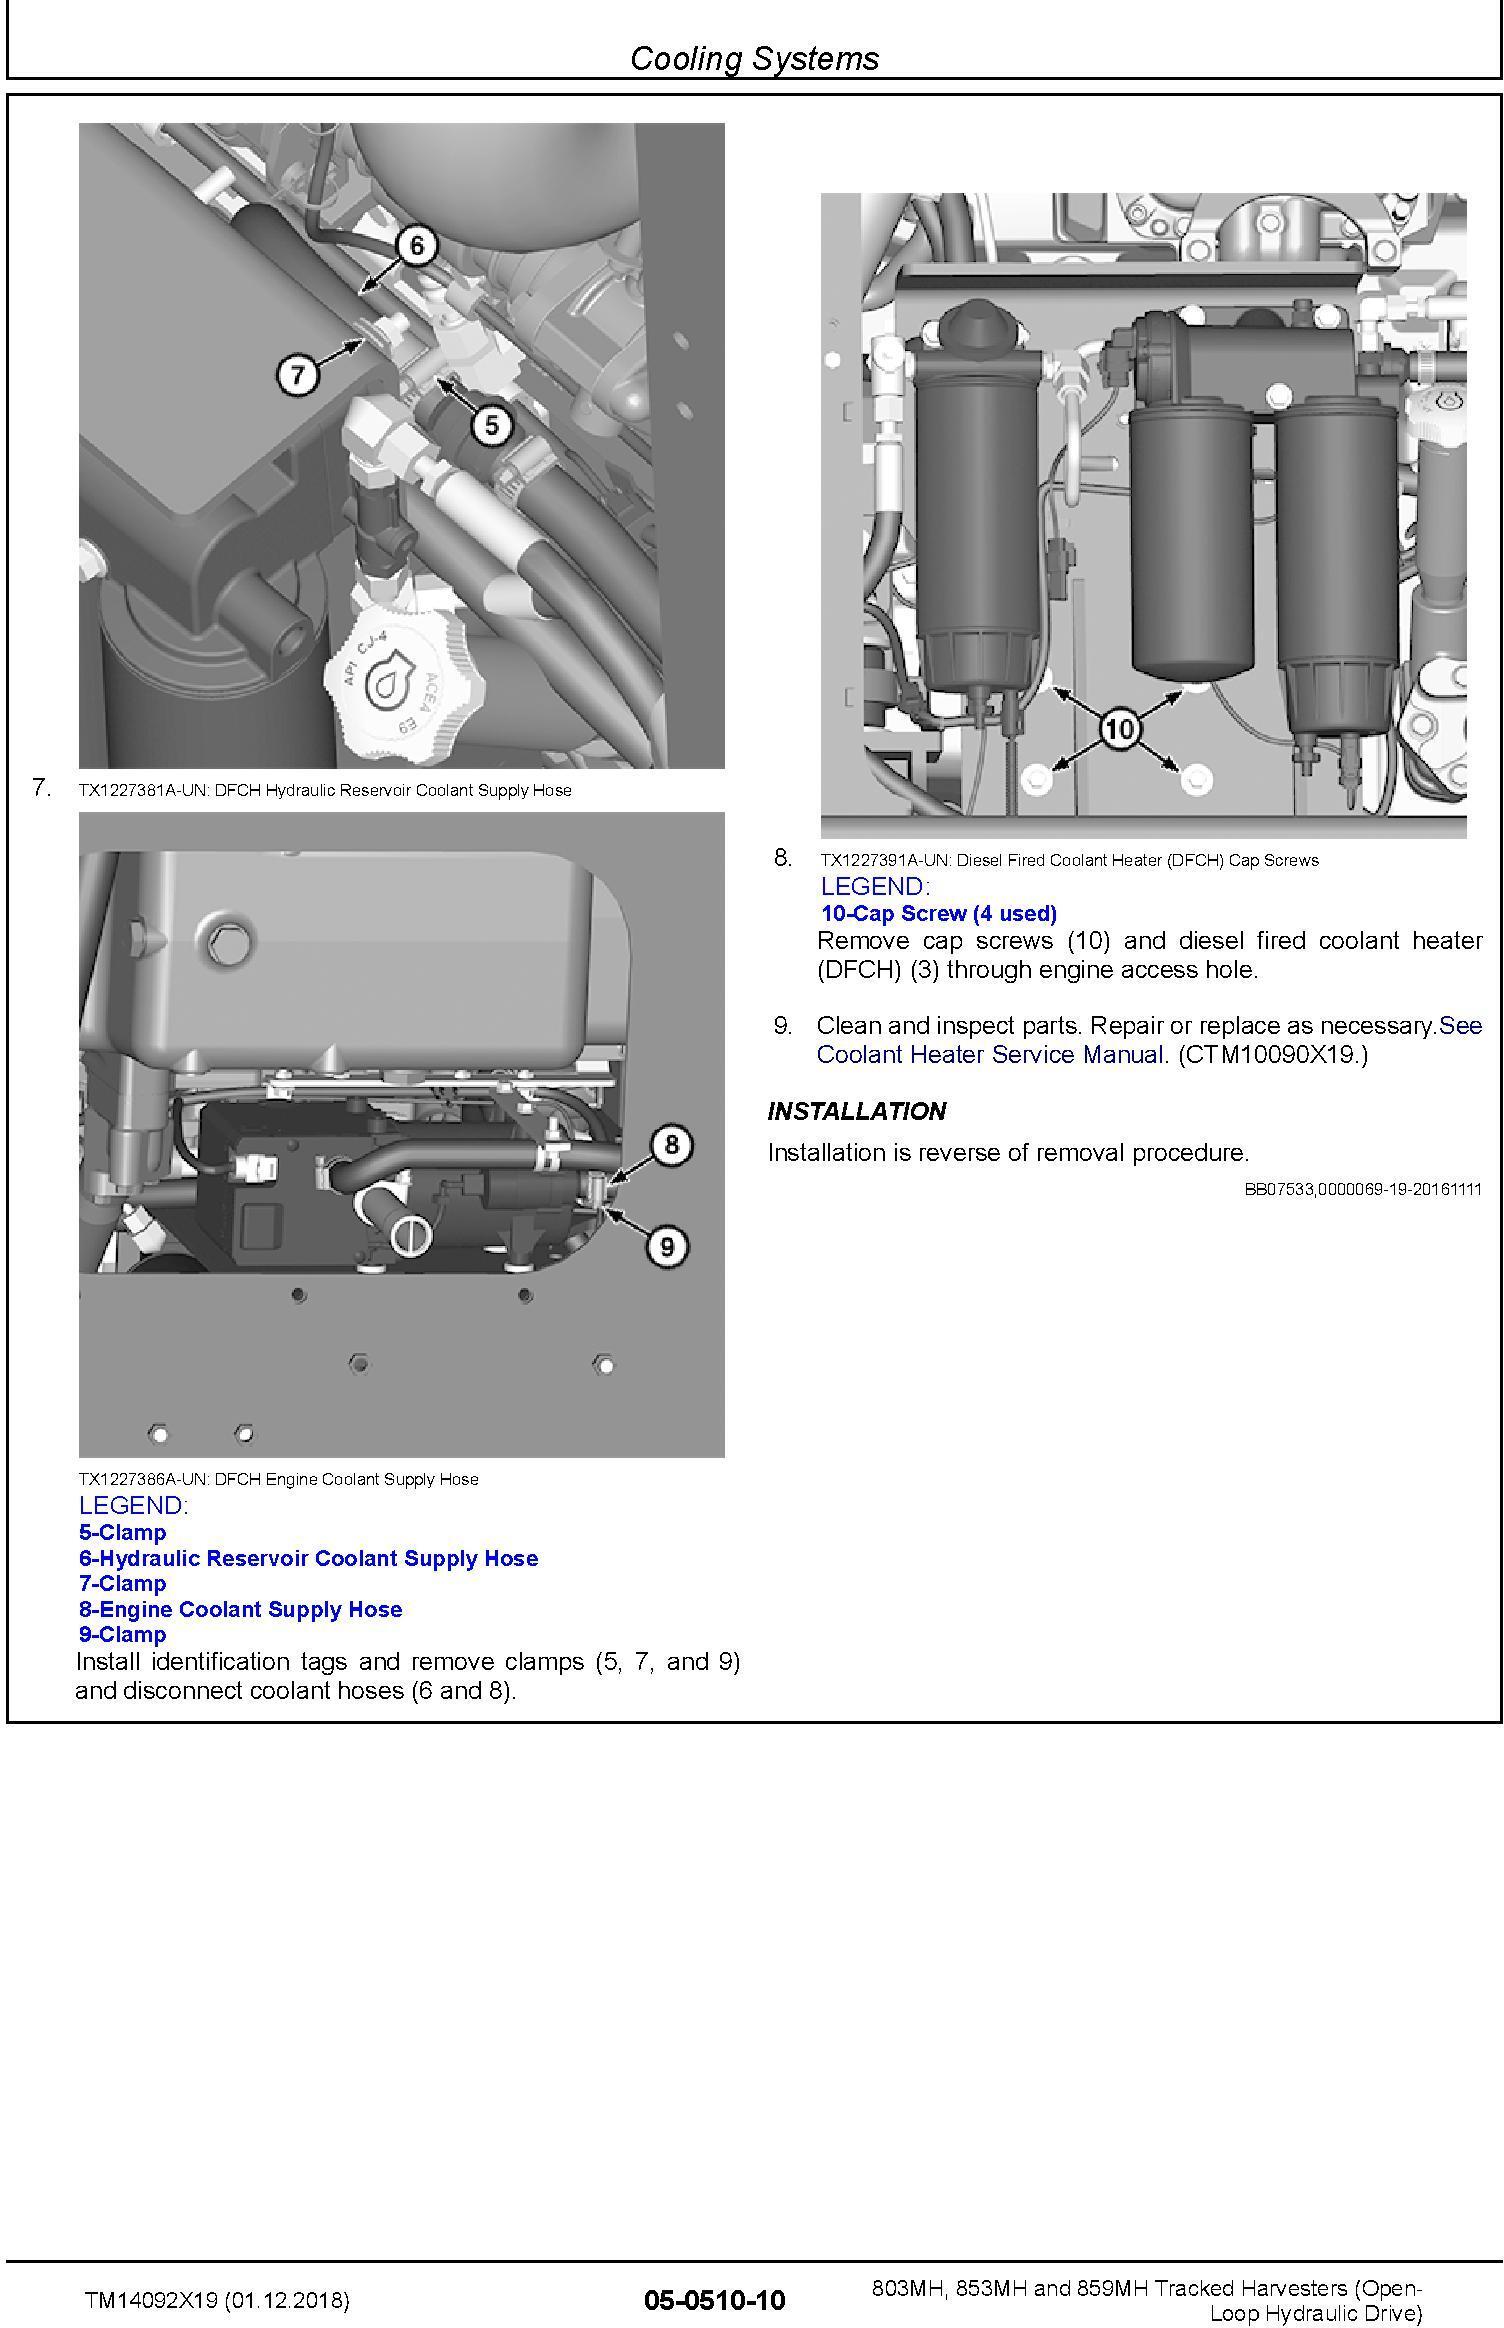 John Deere 803MH,853MH,859MH (SN. F293917-,L343918-) Harvesters (Open-Loop) Repair Manual TM14092X19 - 3